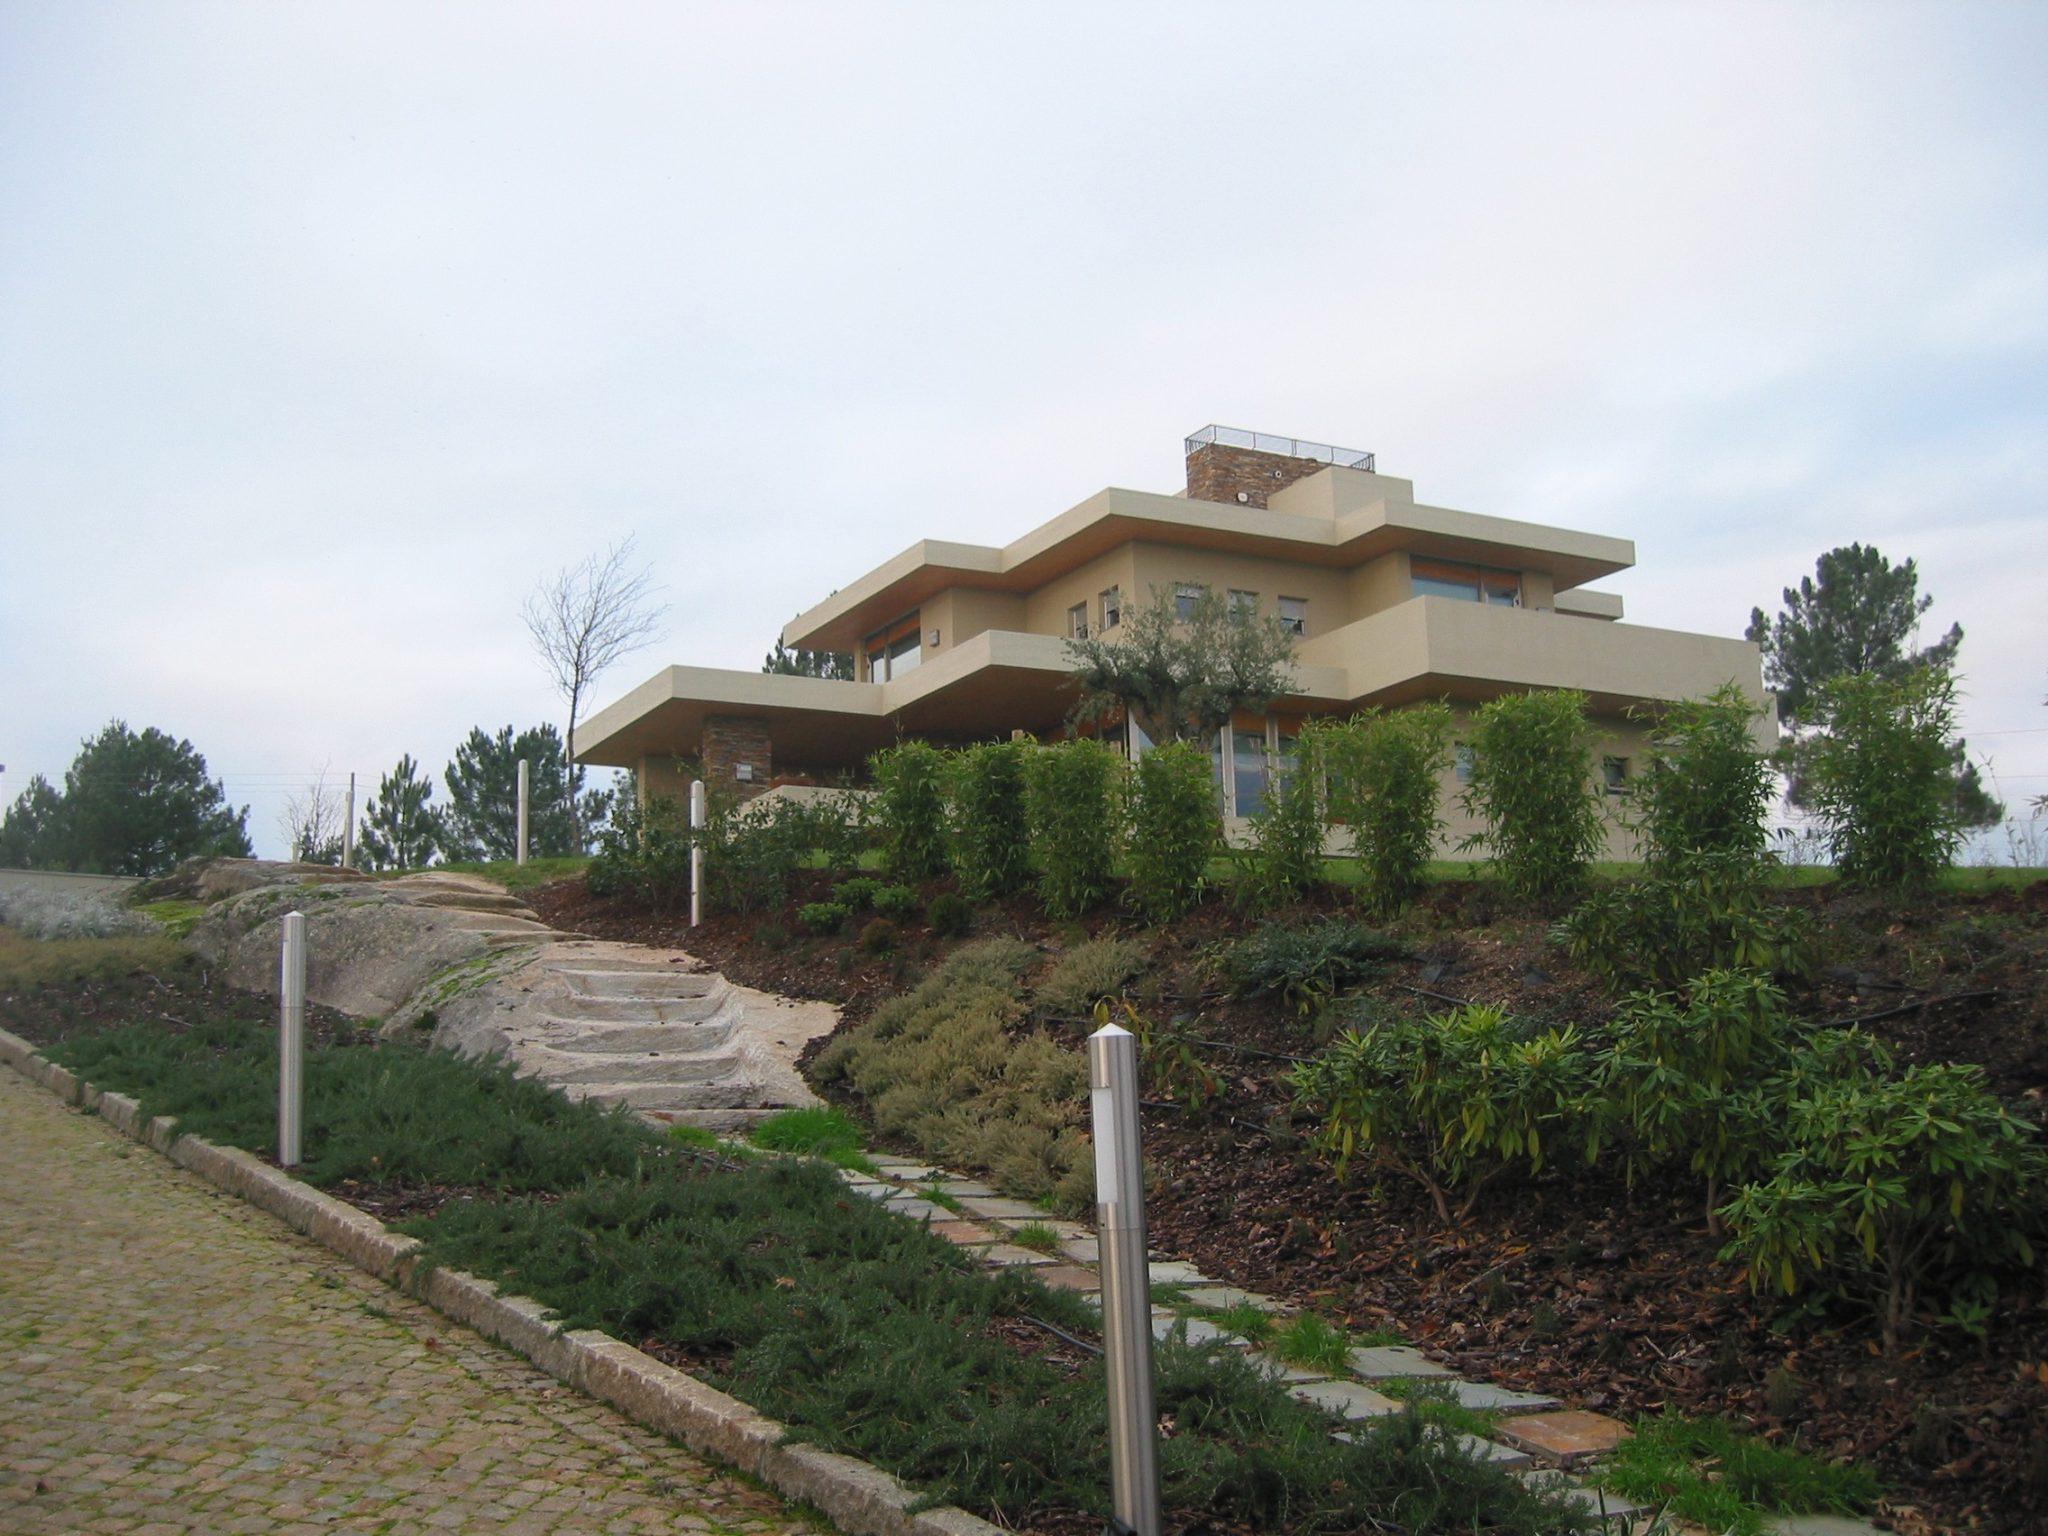 Residencial - Vivienda unifamiliar Santa Marta